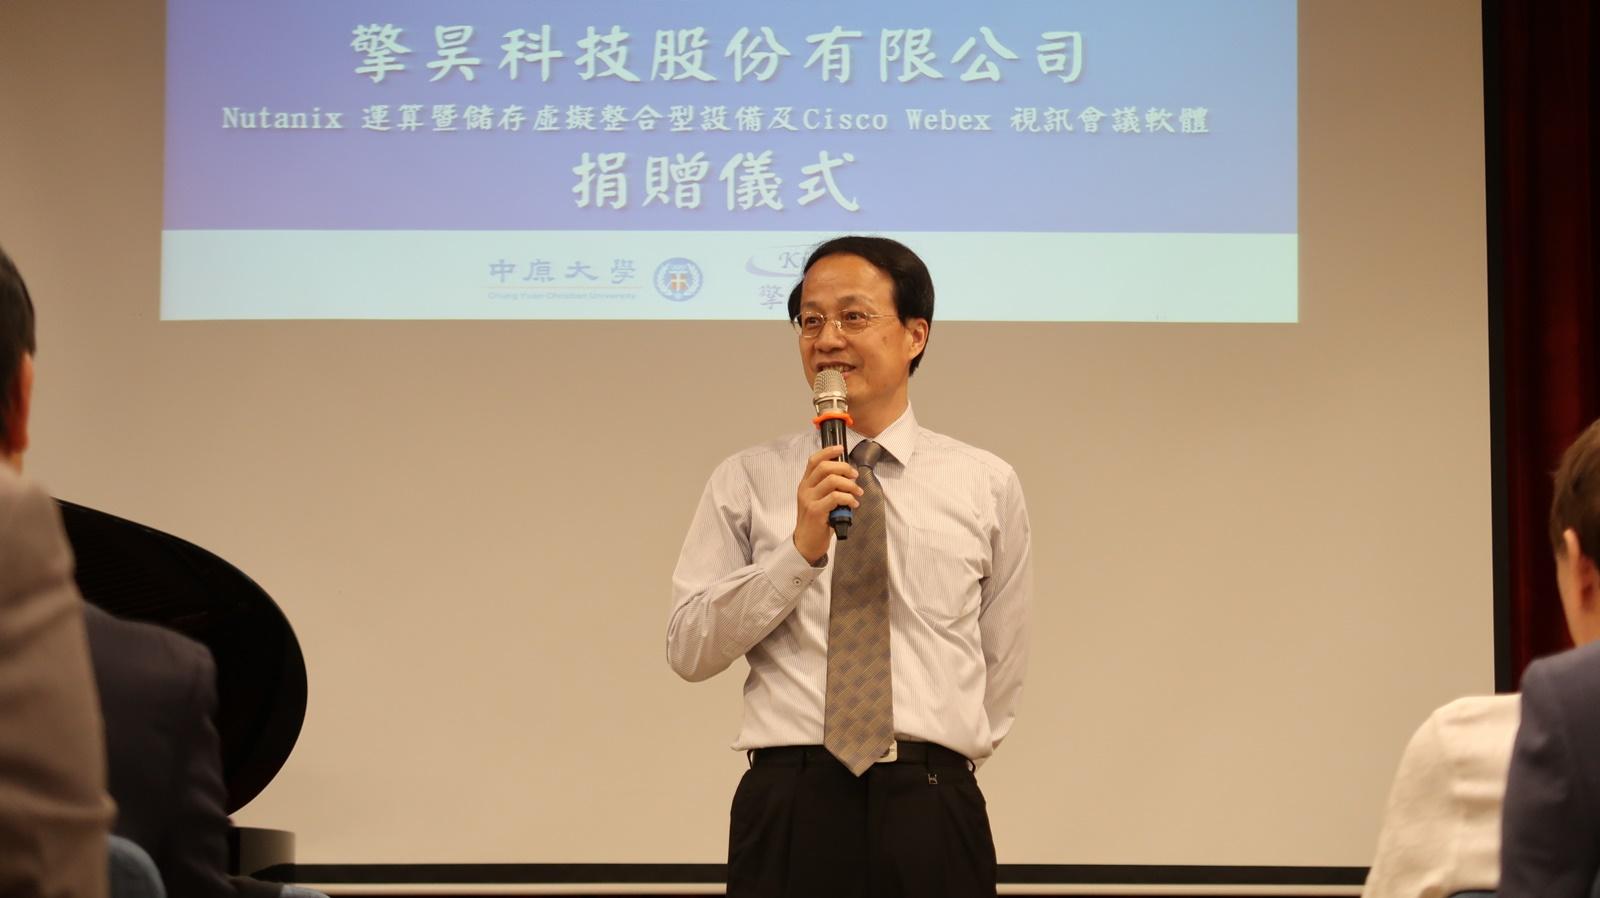 擎昊科技股份有限公司捐贈儀式,黃振宗學長致詞.JPG